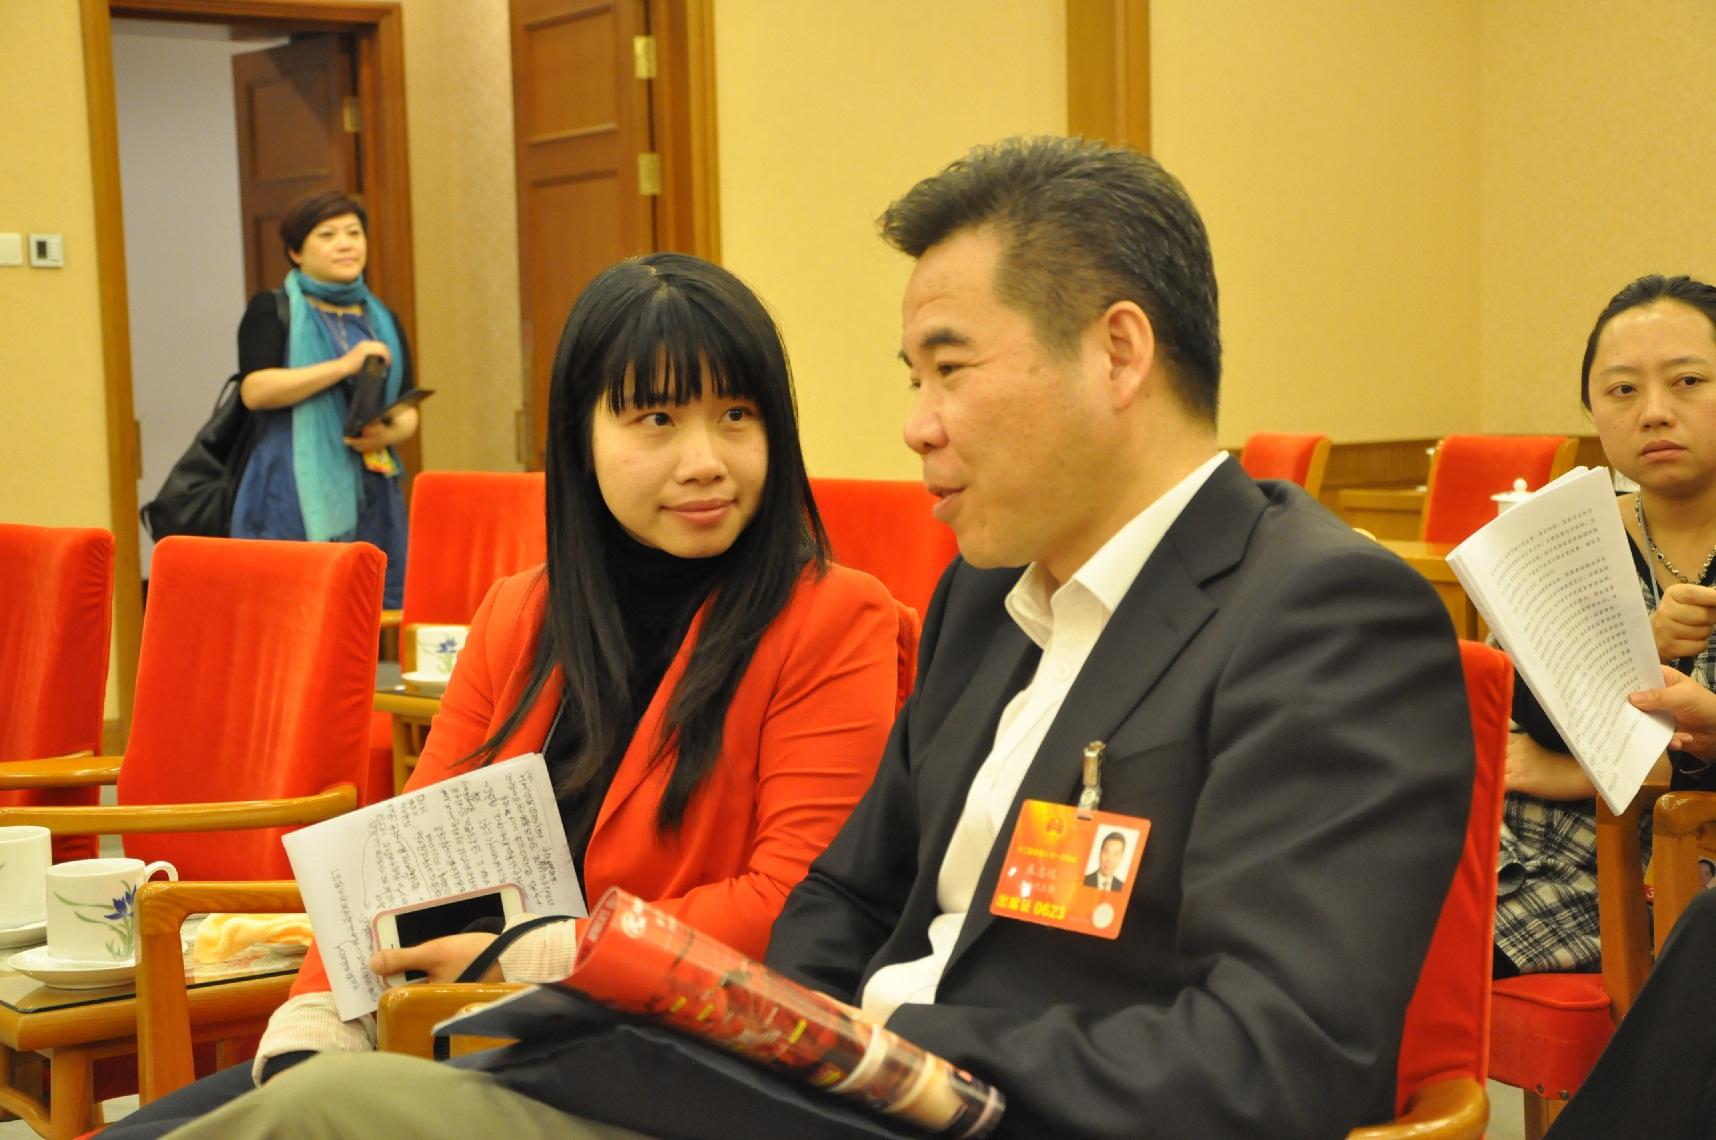 Chinesische Kunden und Käufer betreuen: die Kunst der Beziehungspflege aus China